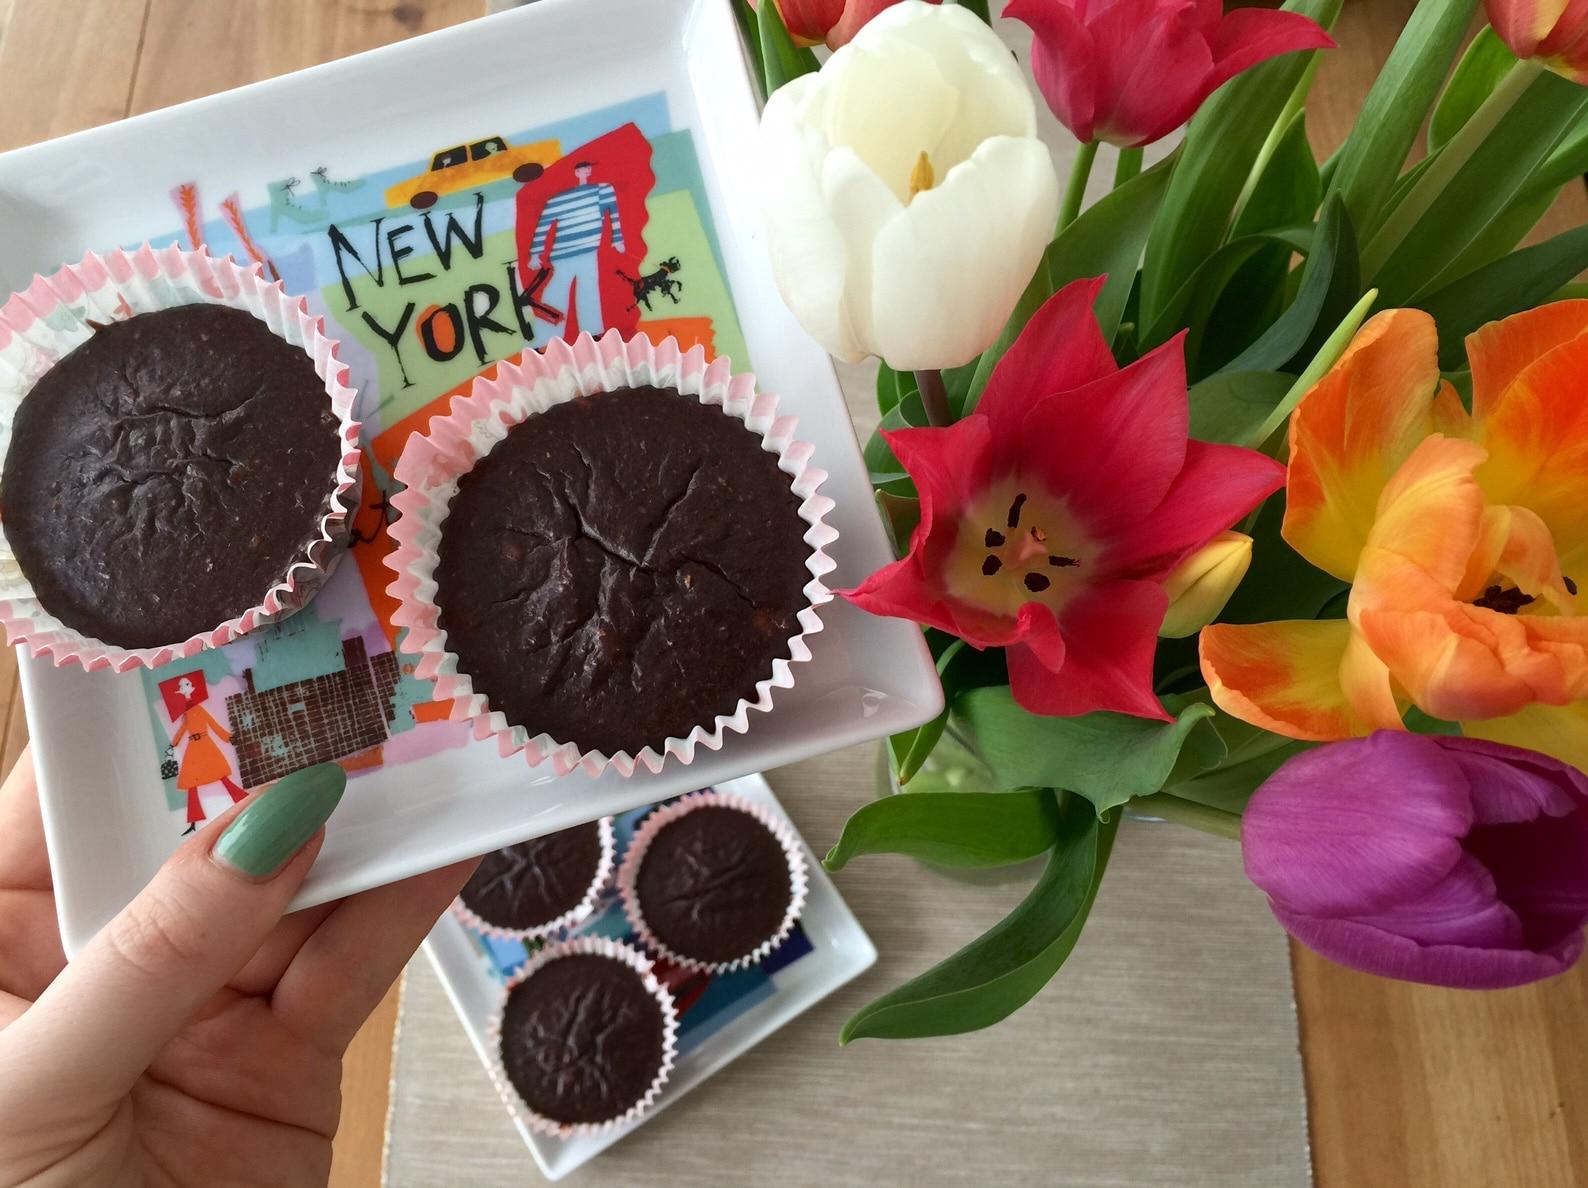 #Muffins #naschen #gesund #Schokolade #backen #Rezept #Rezepte #lowcarb #vegan Schleckermäulchen und hat Lust aufSchokolade oder gesund naschen? Und ich mag diese klitschigen Schokomuffins. In der Mitte sind sie noch so schön matschig und weich. Findest du das auch so lecker?Als Sportler kannst du außerdem auf diesem Weg ausreichend Proteinebekommen, was ja manchmalgarnichtso einfach ist. Das Rezept der Schoko Muffins ...